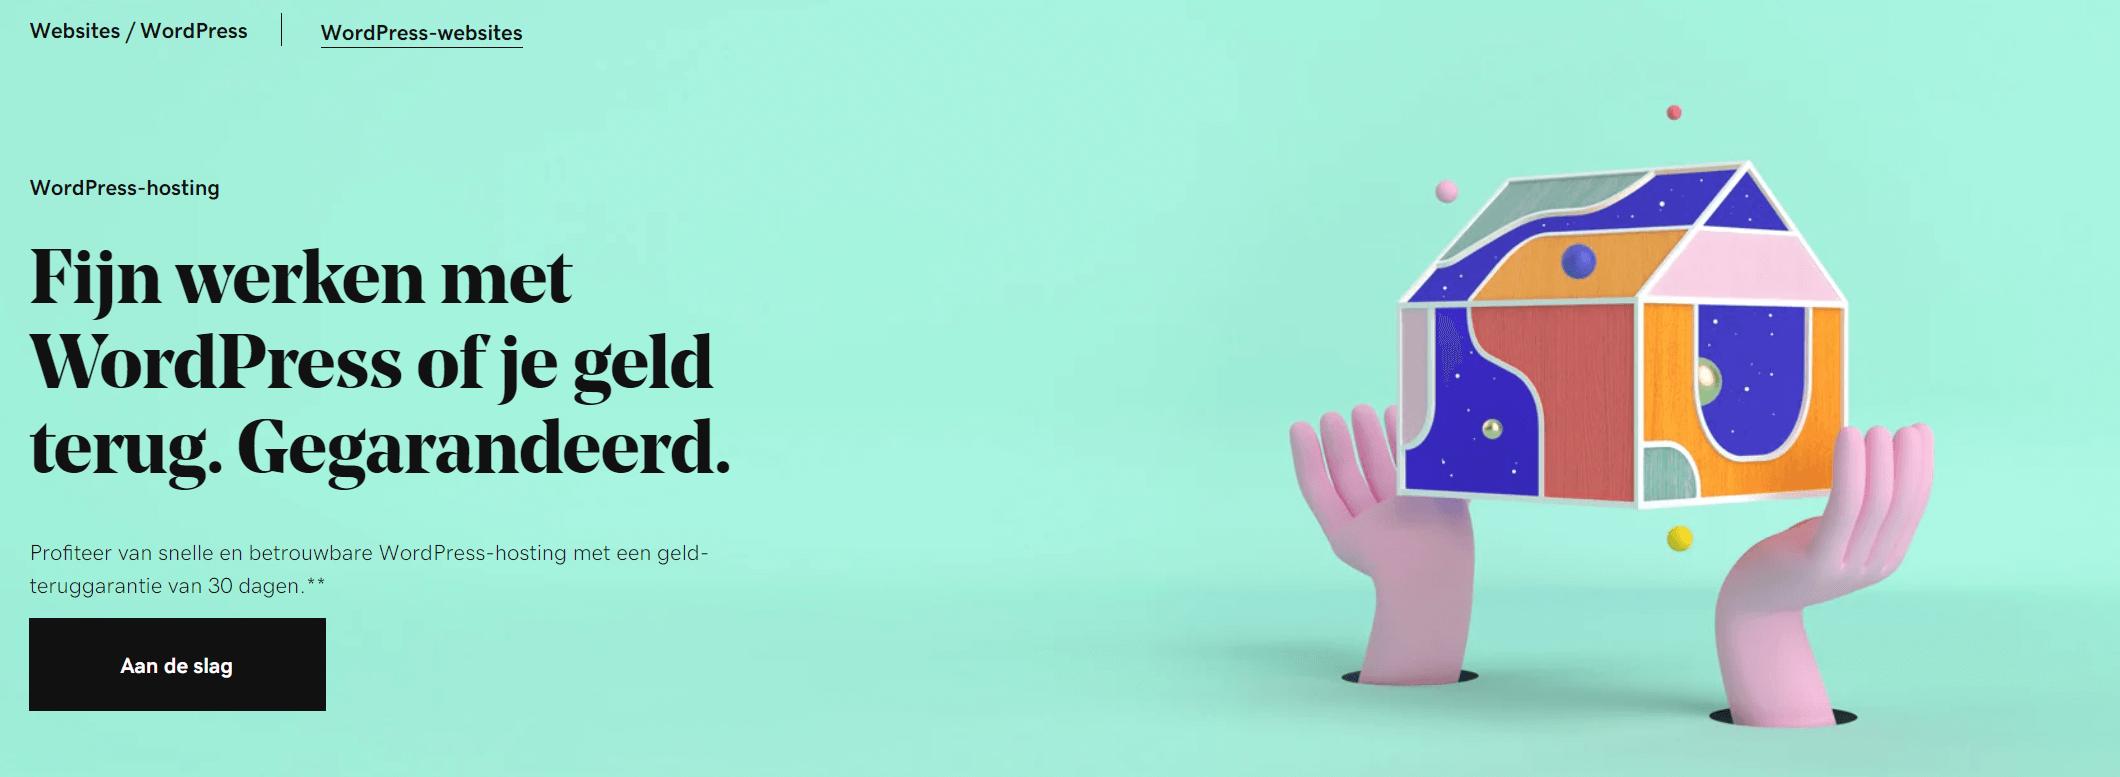 GoDaddy-hosting-nederland